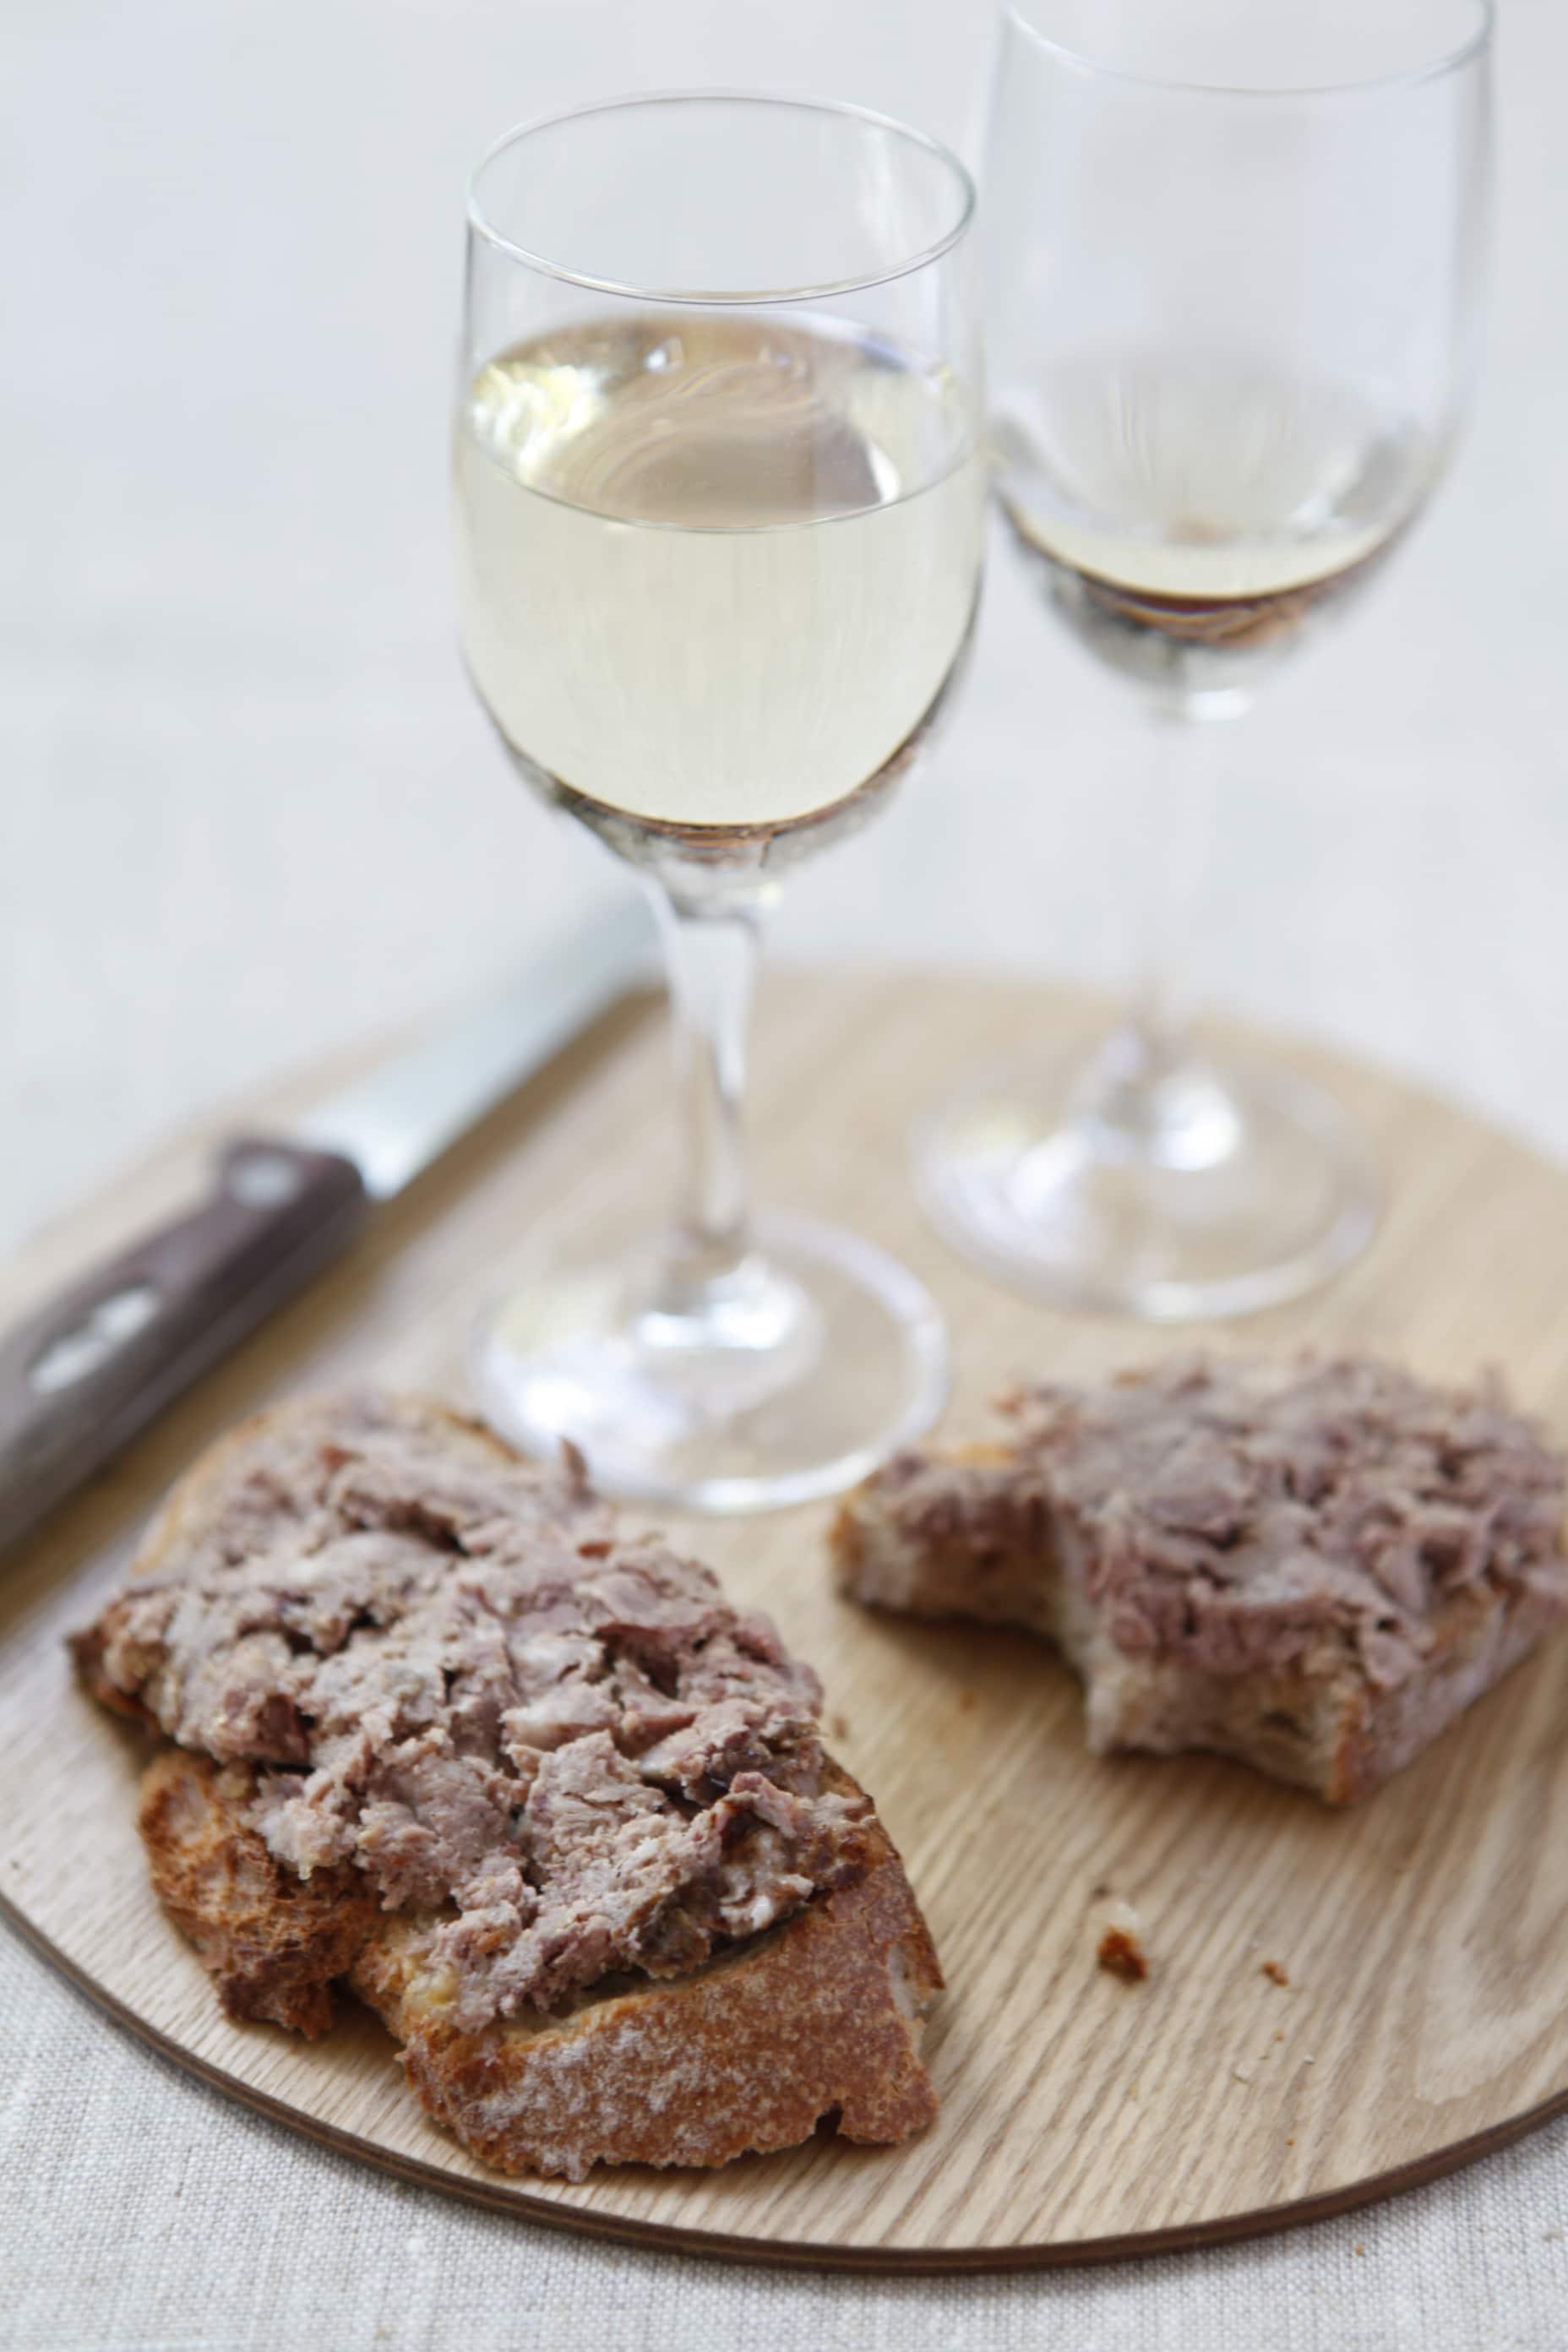 pâté de campagne avec verre de vin blanc